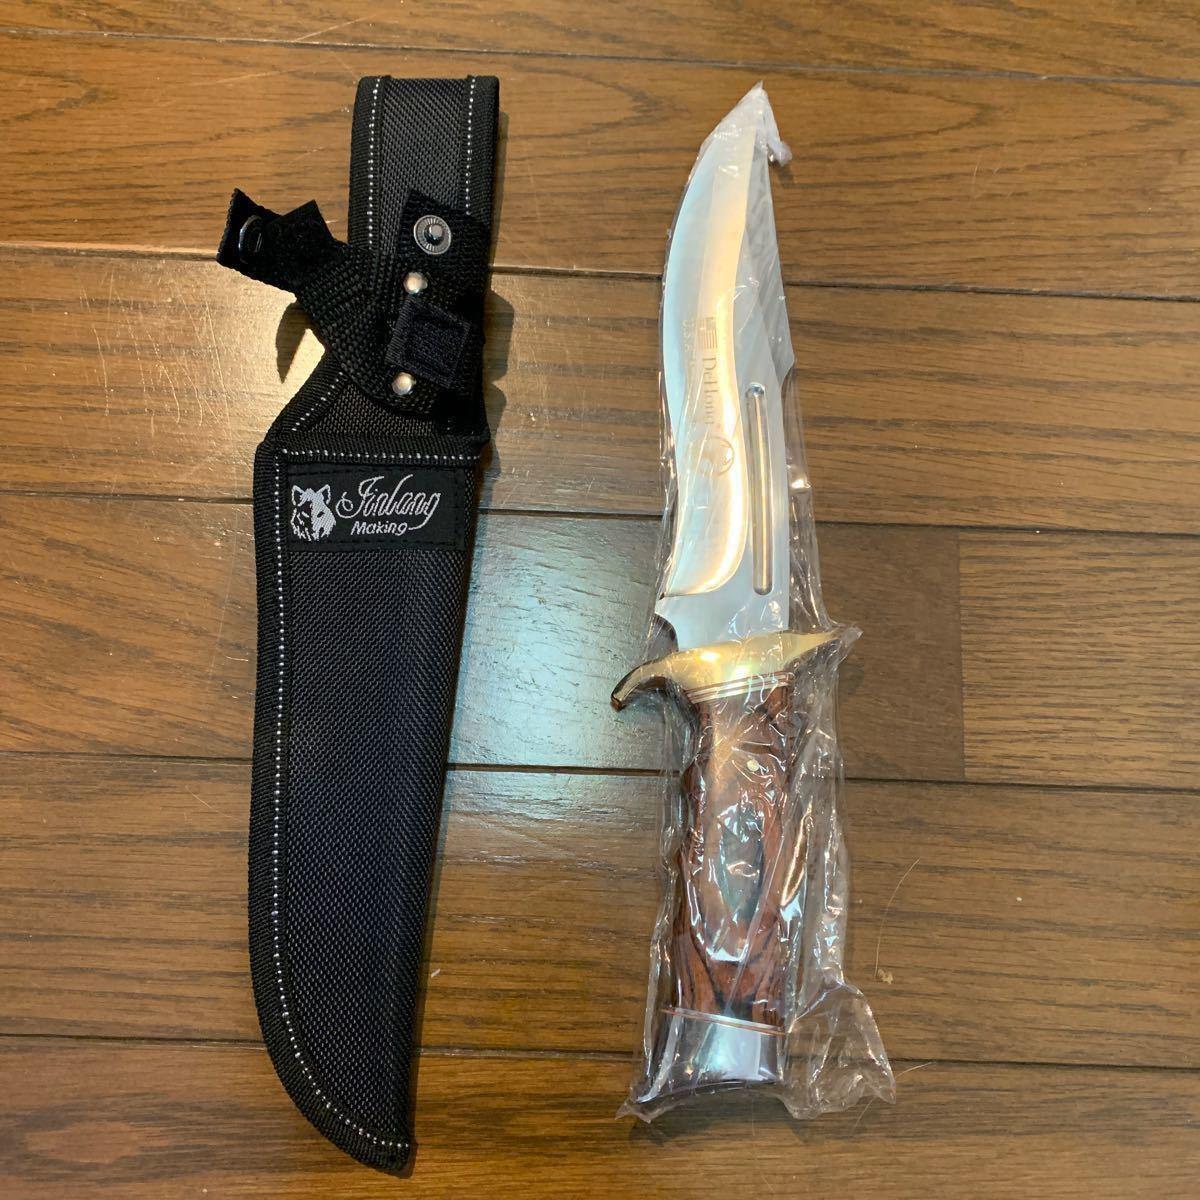 サバイバルナイフ 美術品 未開封